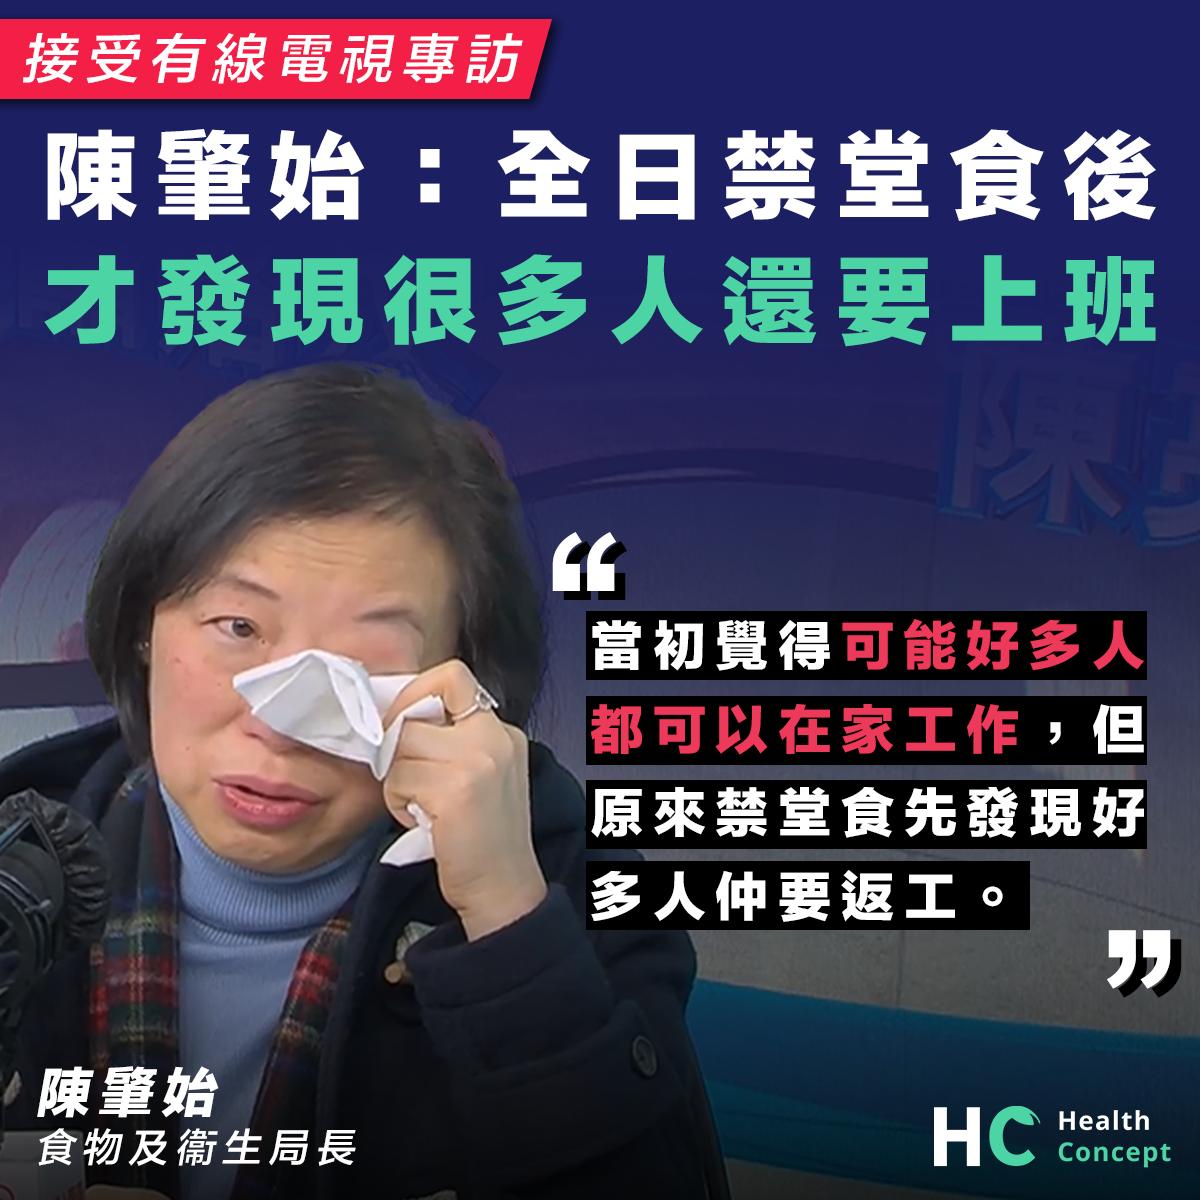 【新型肺炎】陳肇始:全日禁堂食後 才發現很多人還要上班